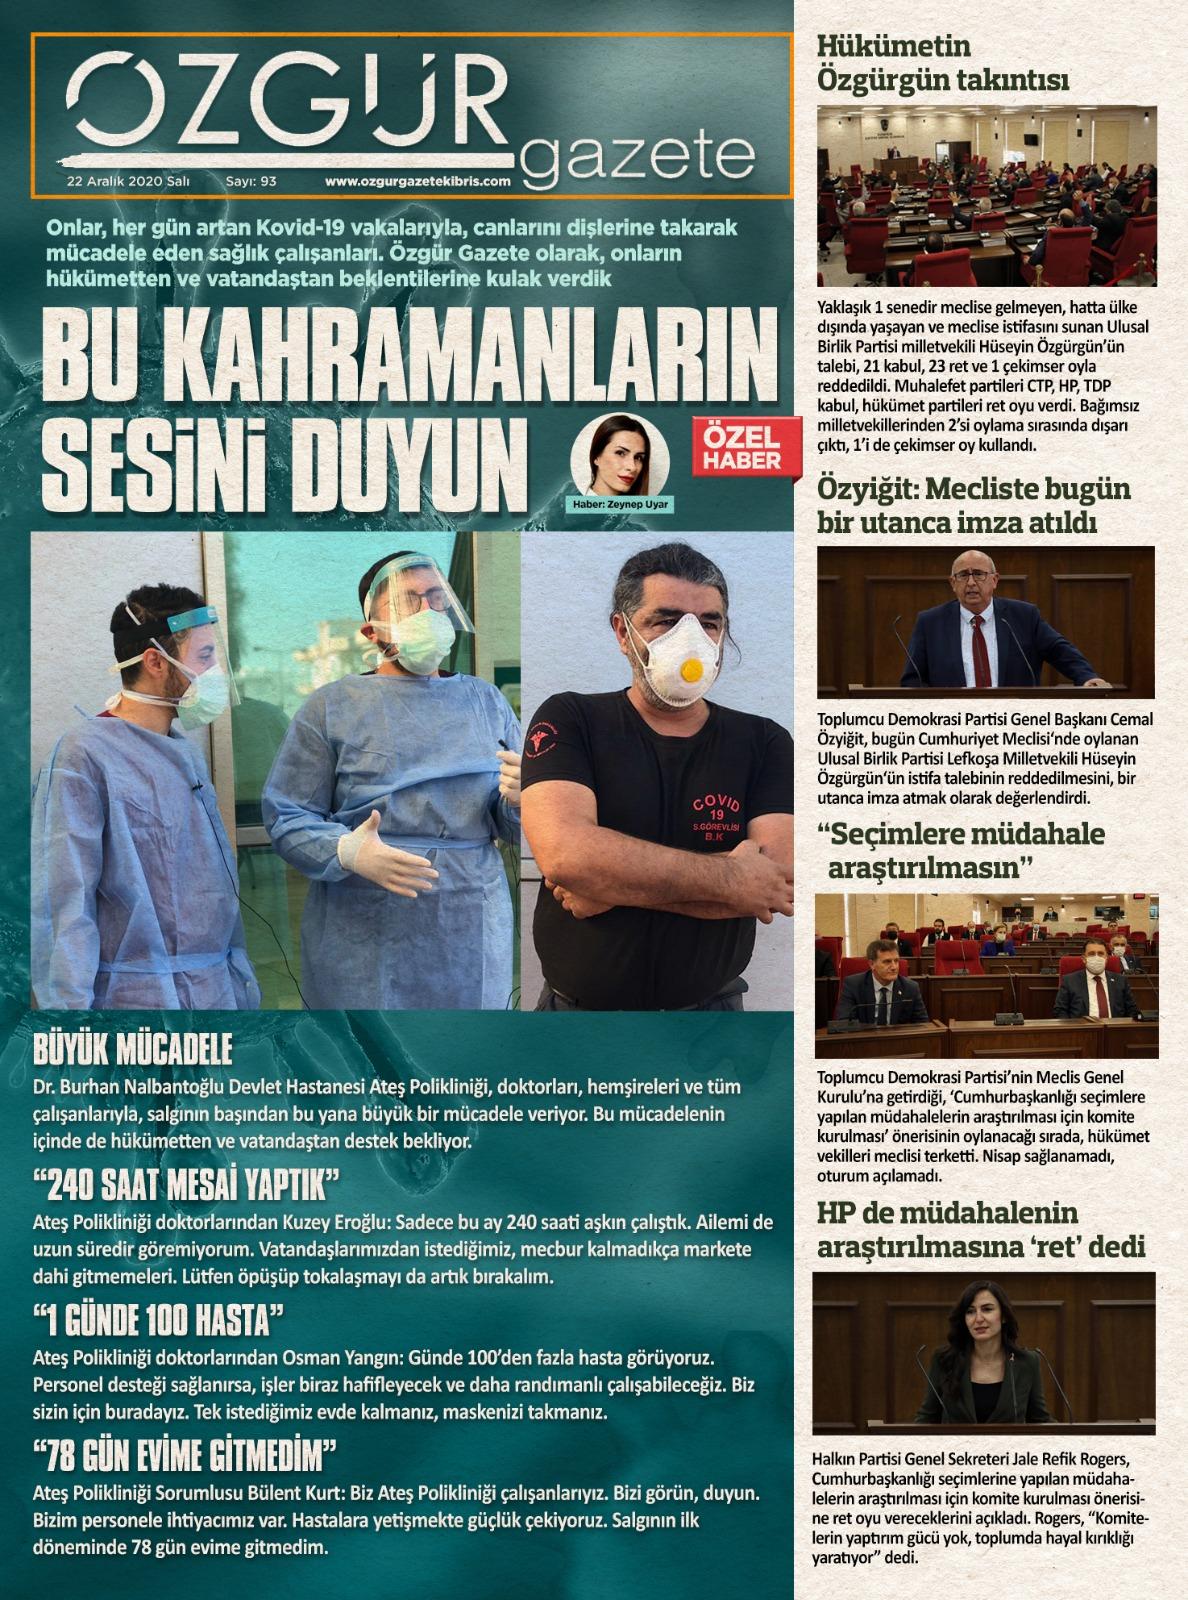 ozgur_gazete_kibris_